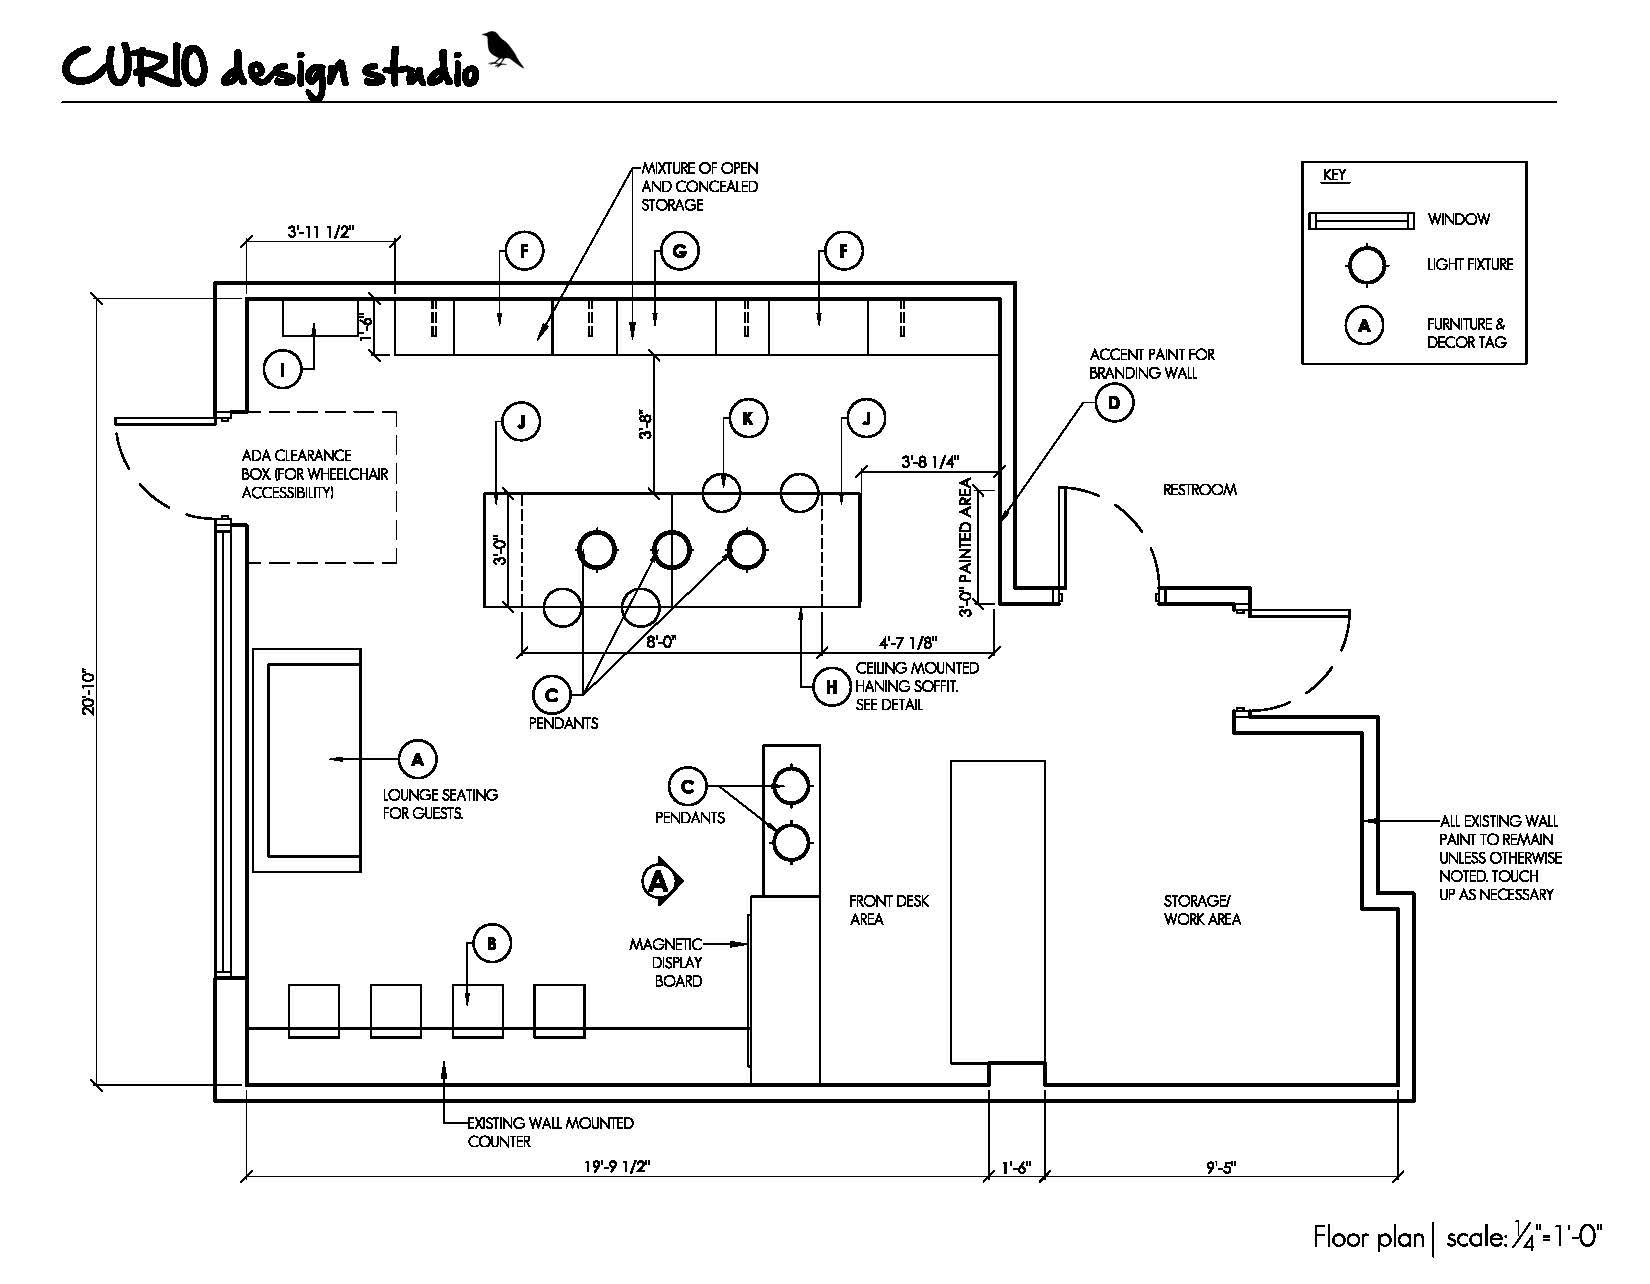 Curio Design Studio-Online Interior Design